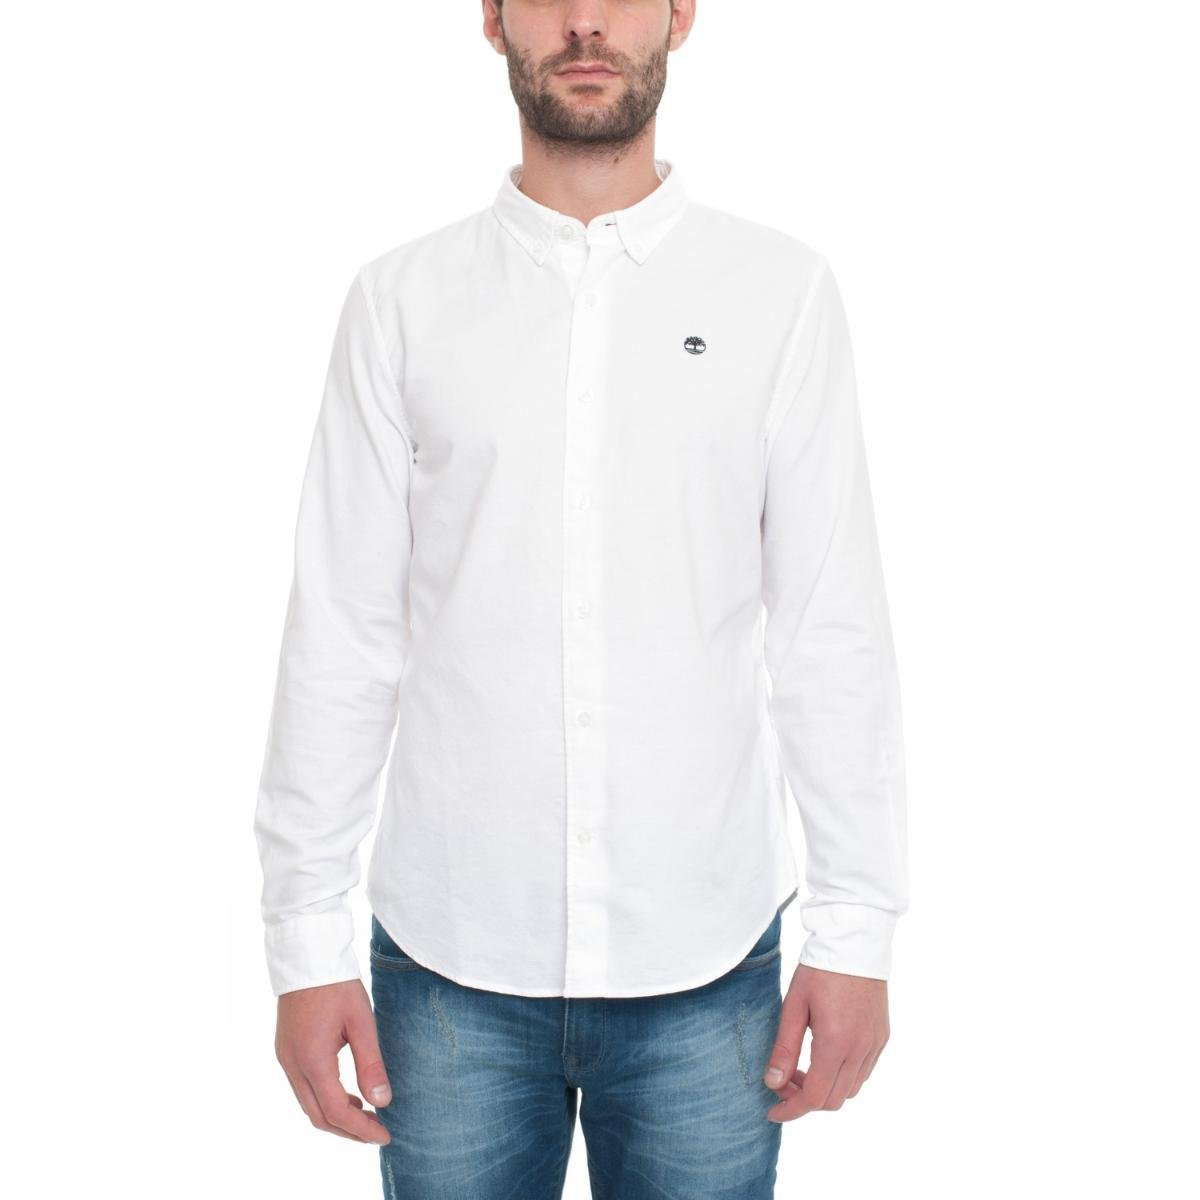 3a88b469 Camisa Timberland Manga Longa Rattle River Oxford Masculina | Zattini